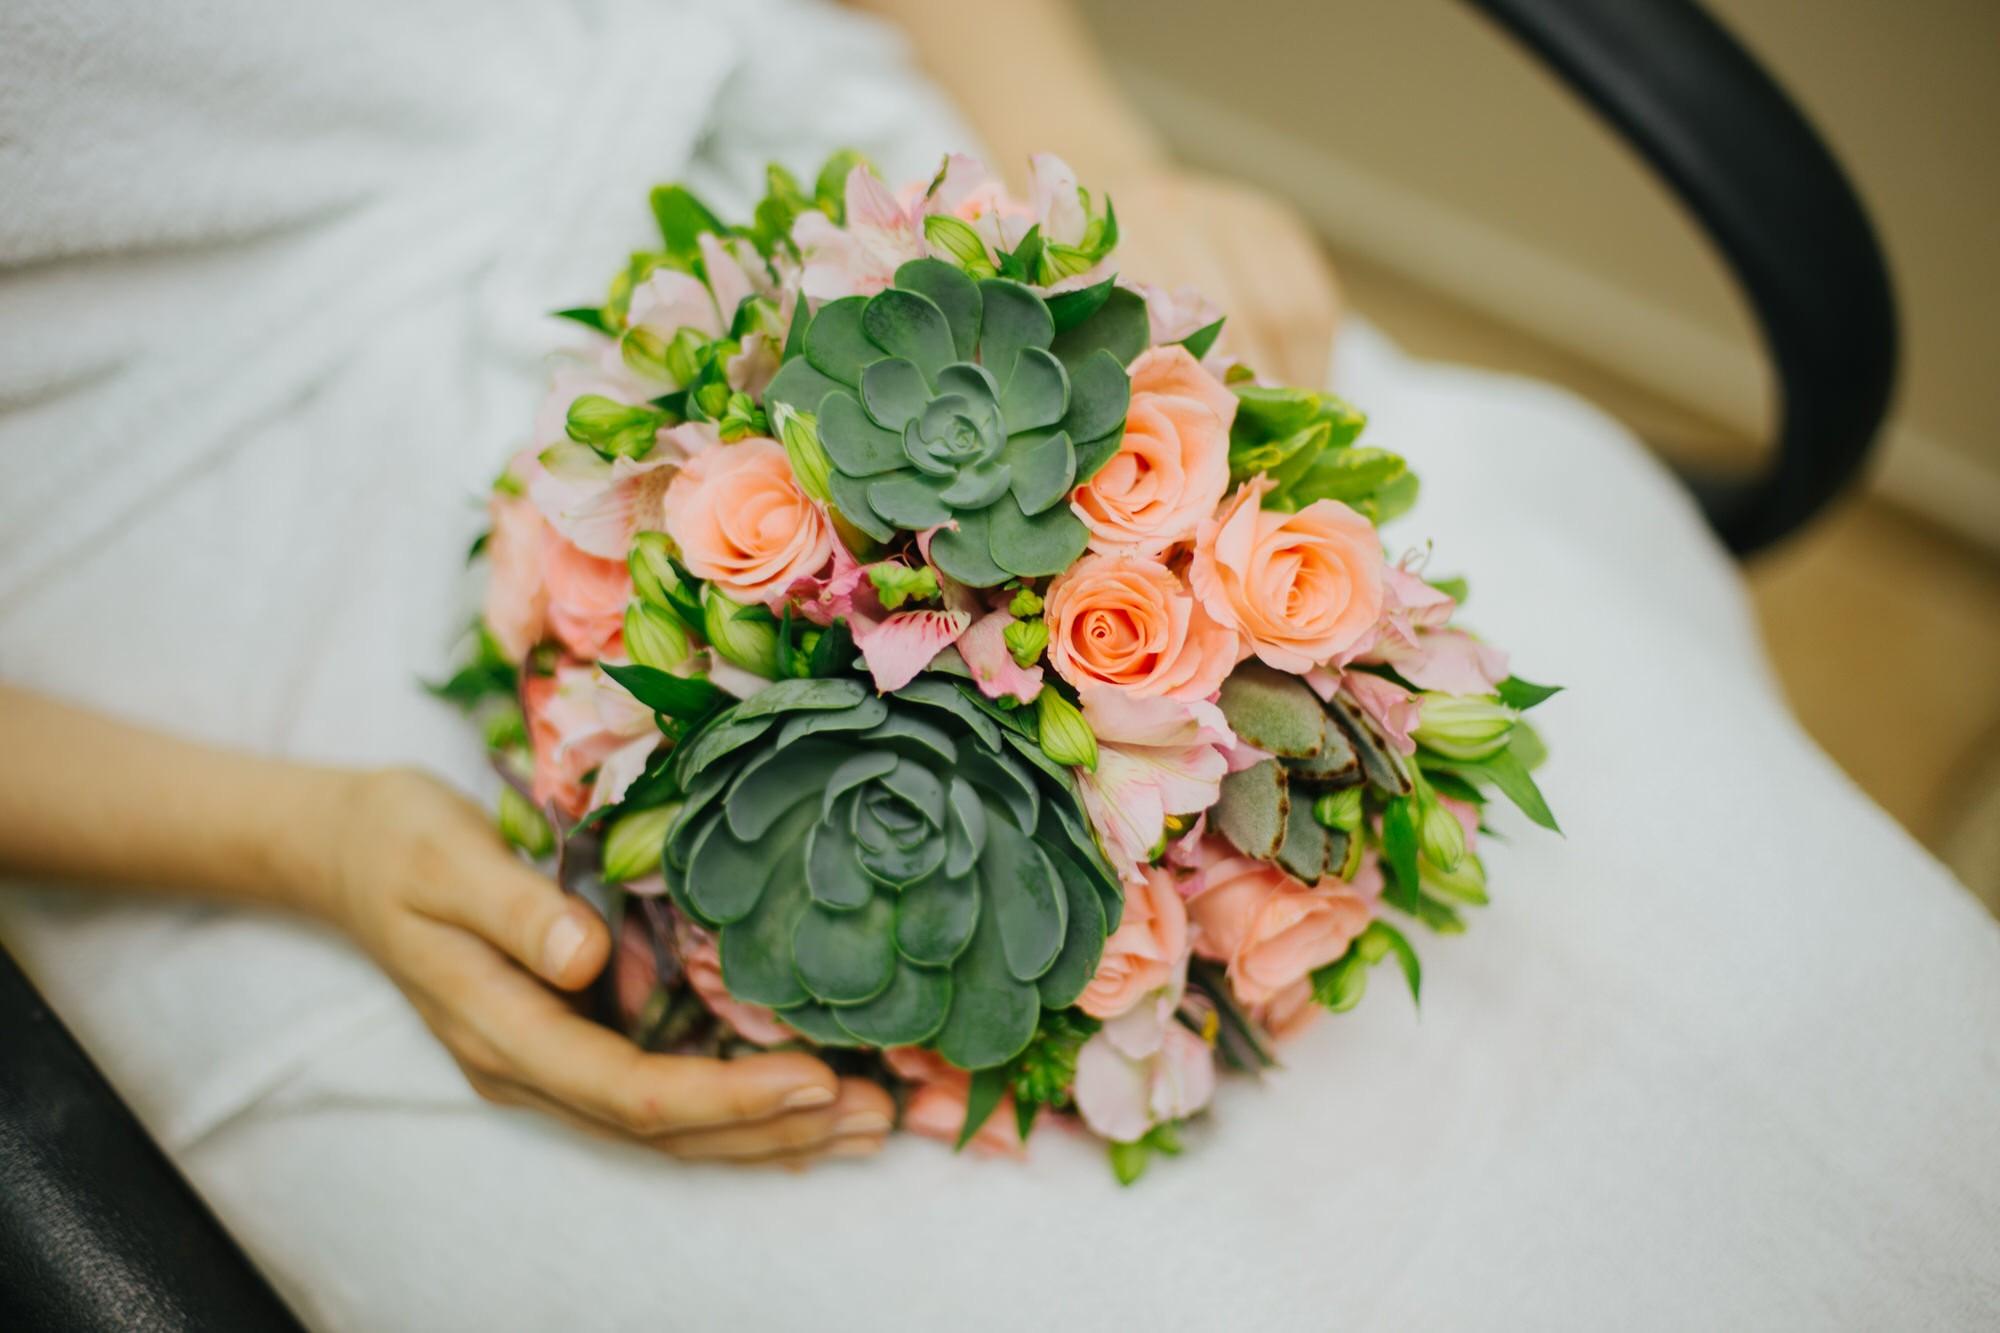 Fabio e Gisele - Casamento em Mundo Novo - MS por Lorran Souza e Léia Sotile - fotografo de casamentos - 00001